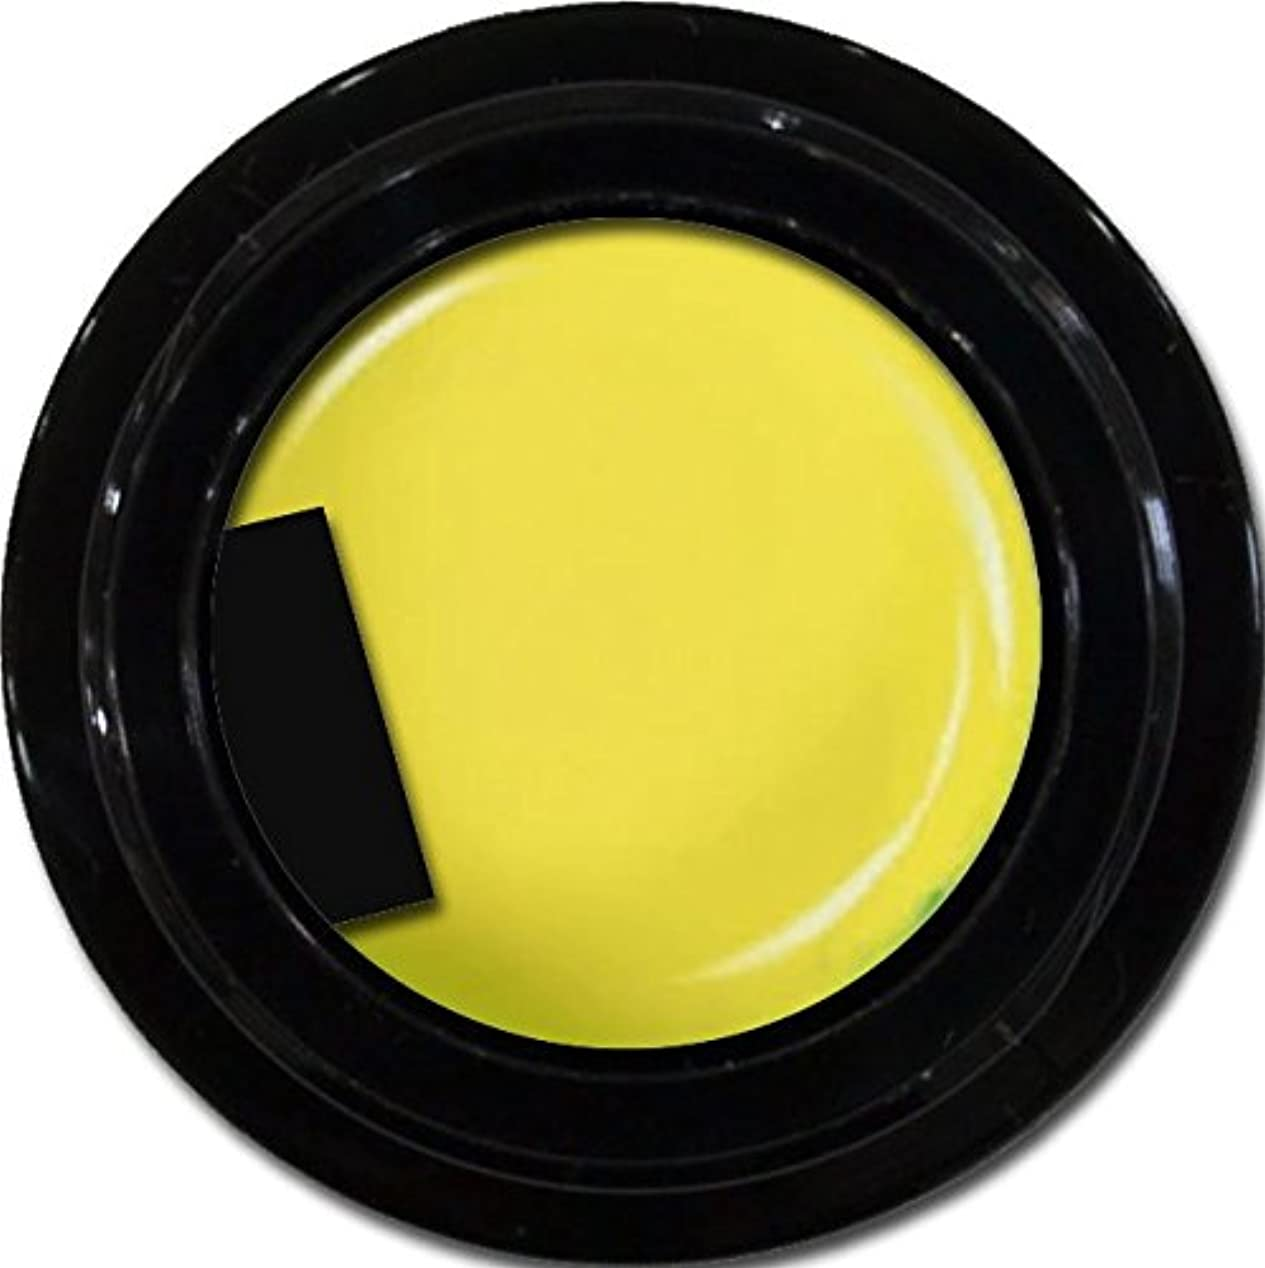 豚肉キャプチャー女優カラージェル enchant color gel M602 MoroccoYellow 3g/ マットカラージェル M602 モロッコイエロー 3グラム